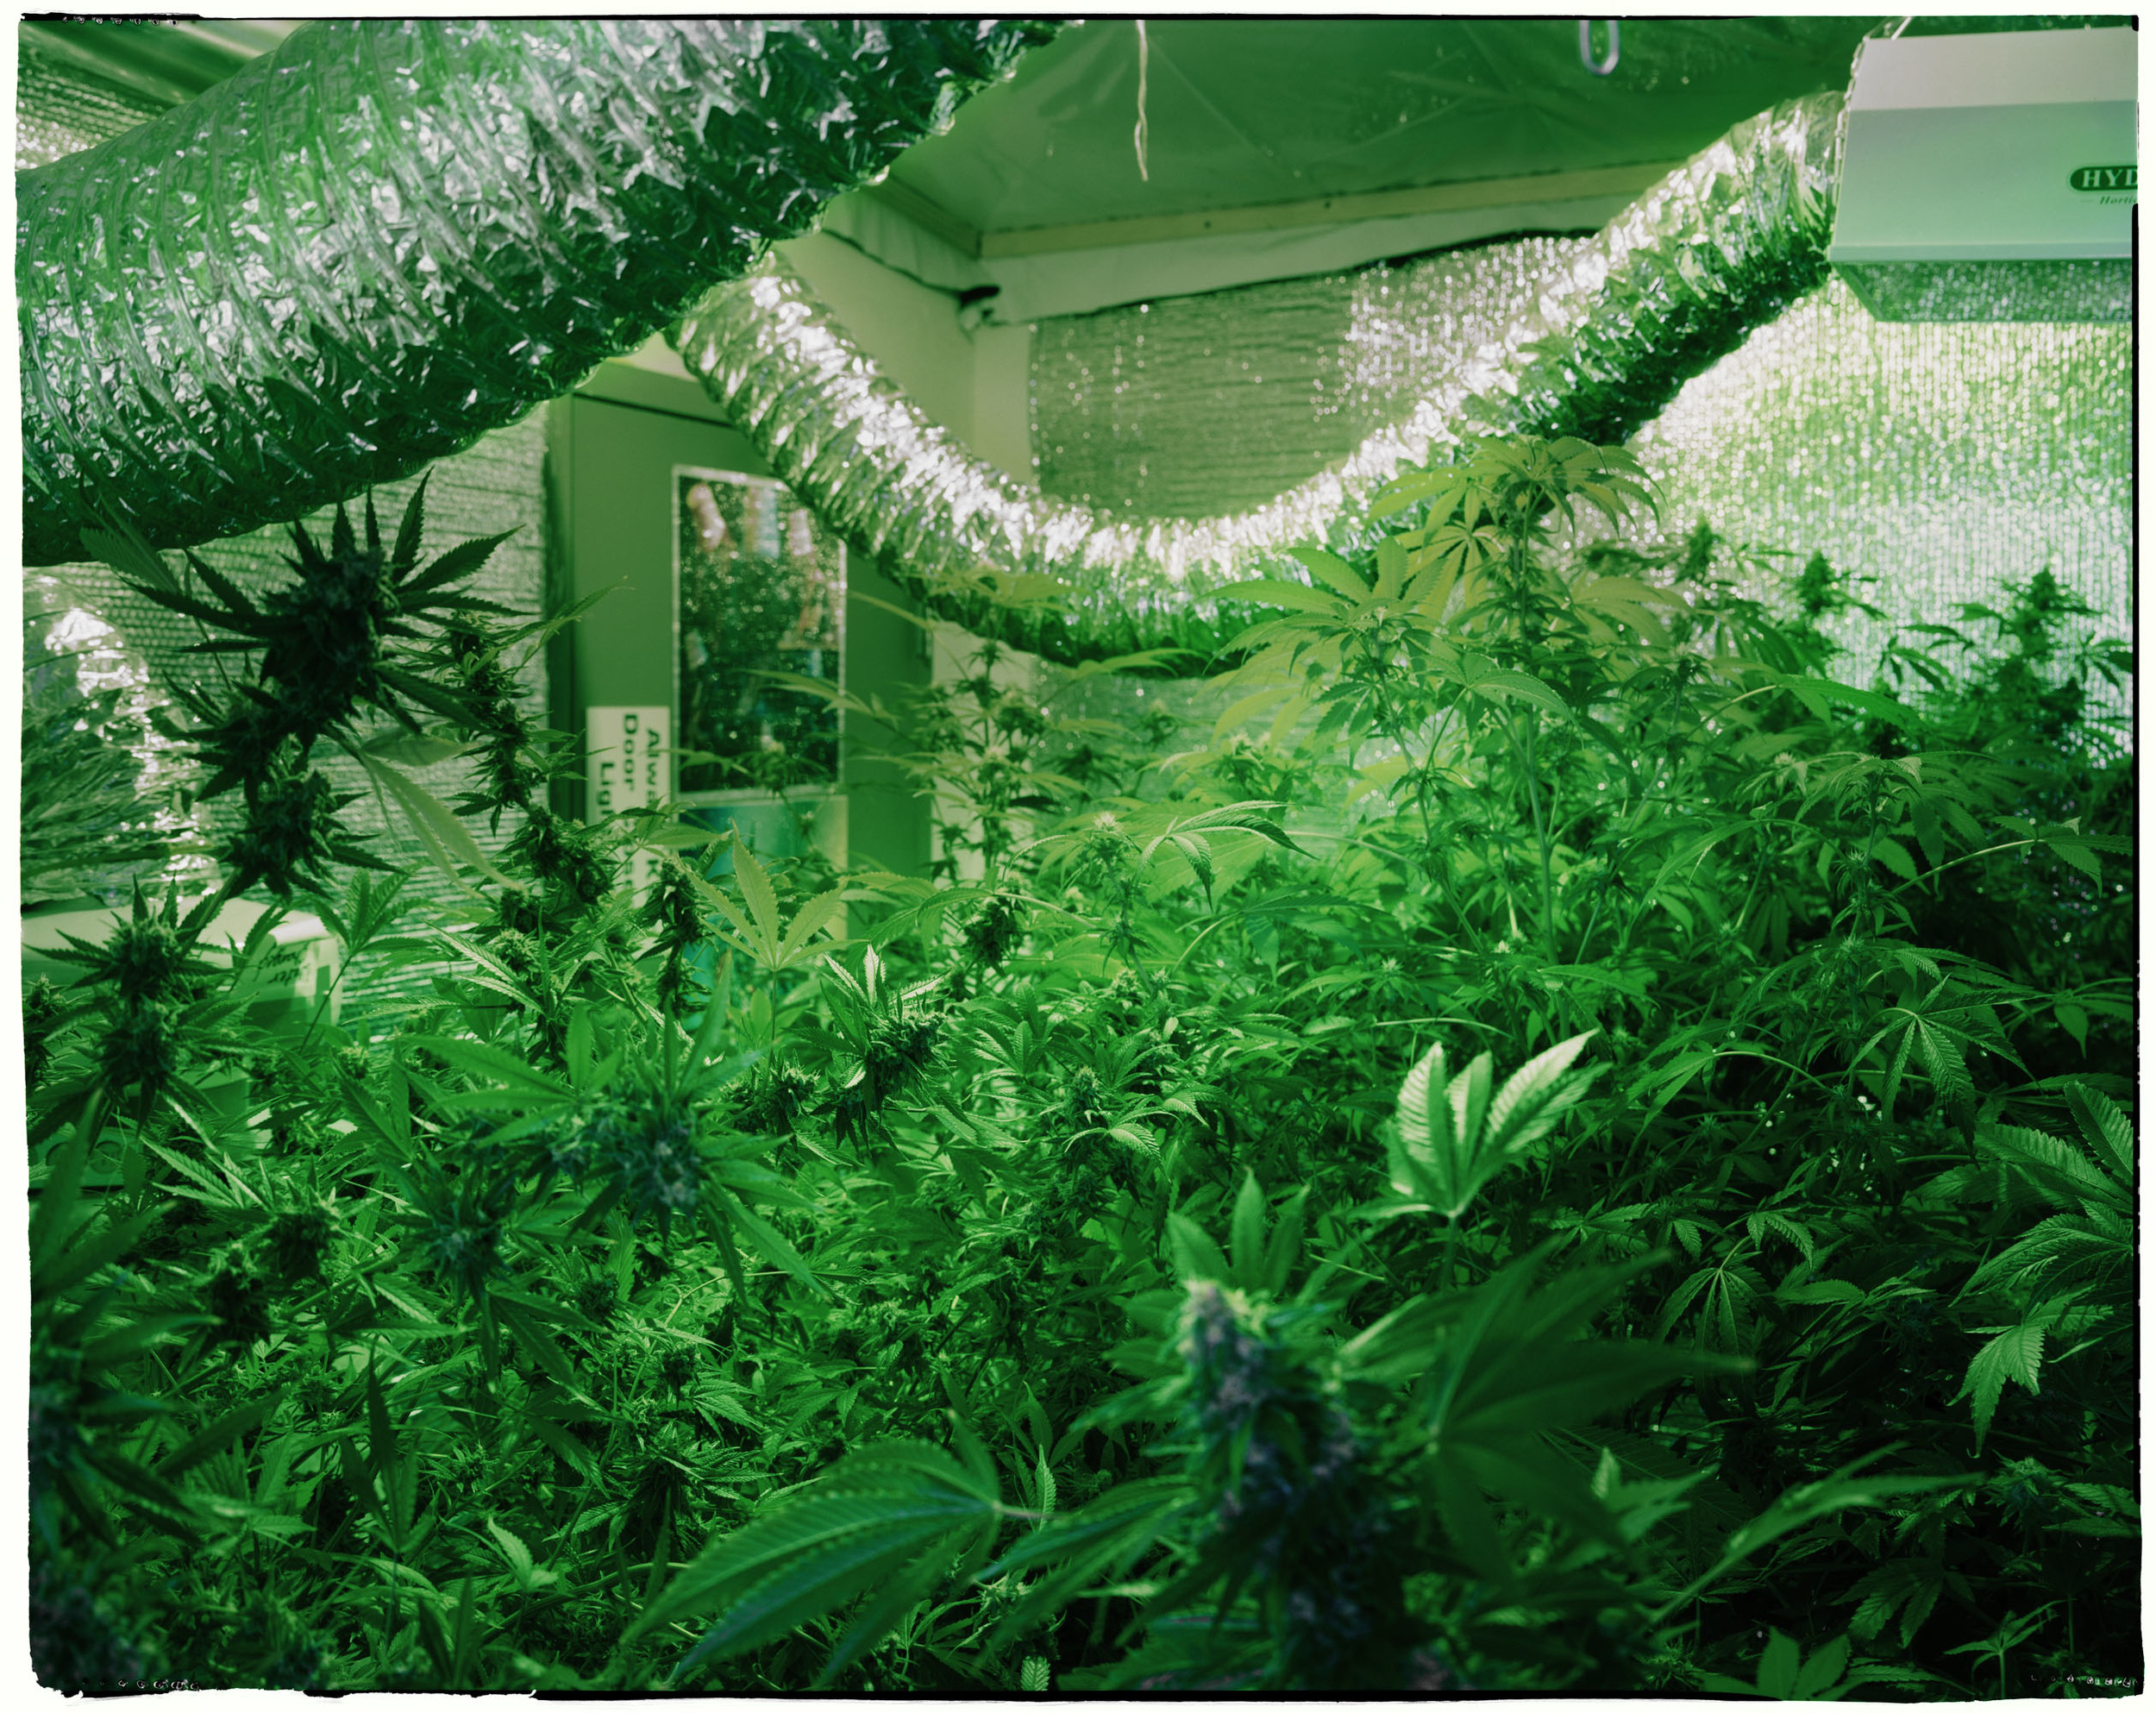 Medical Marijuana Grow Room - Denver, CO